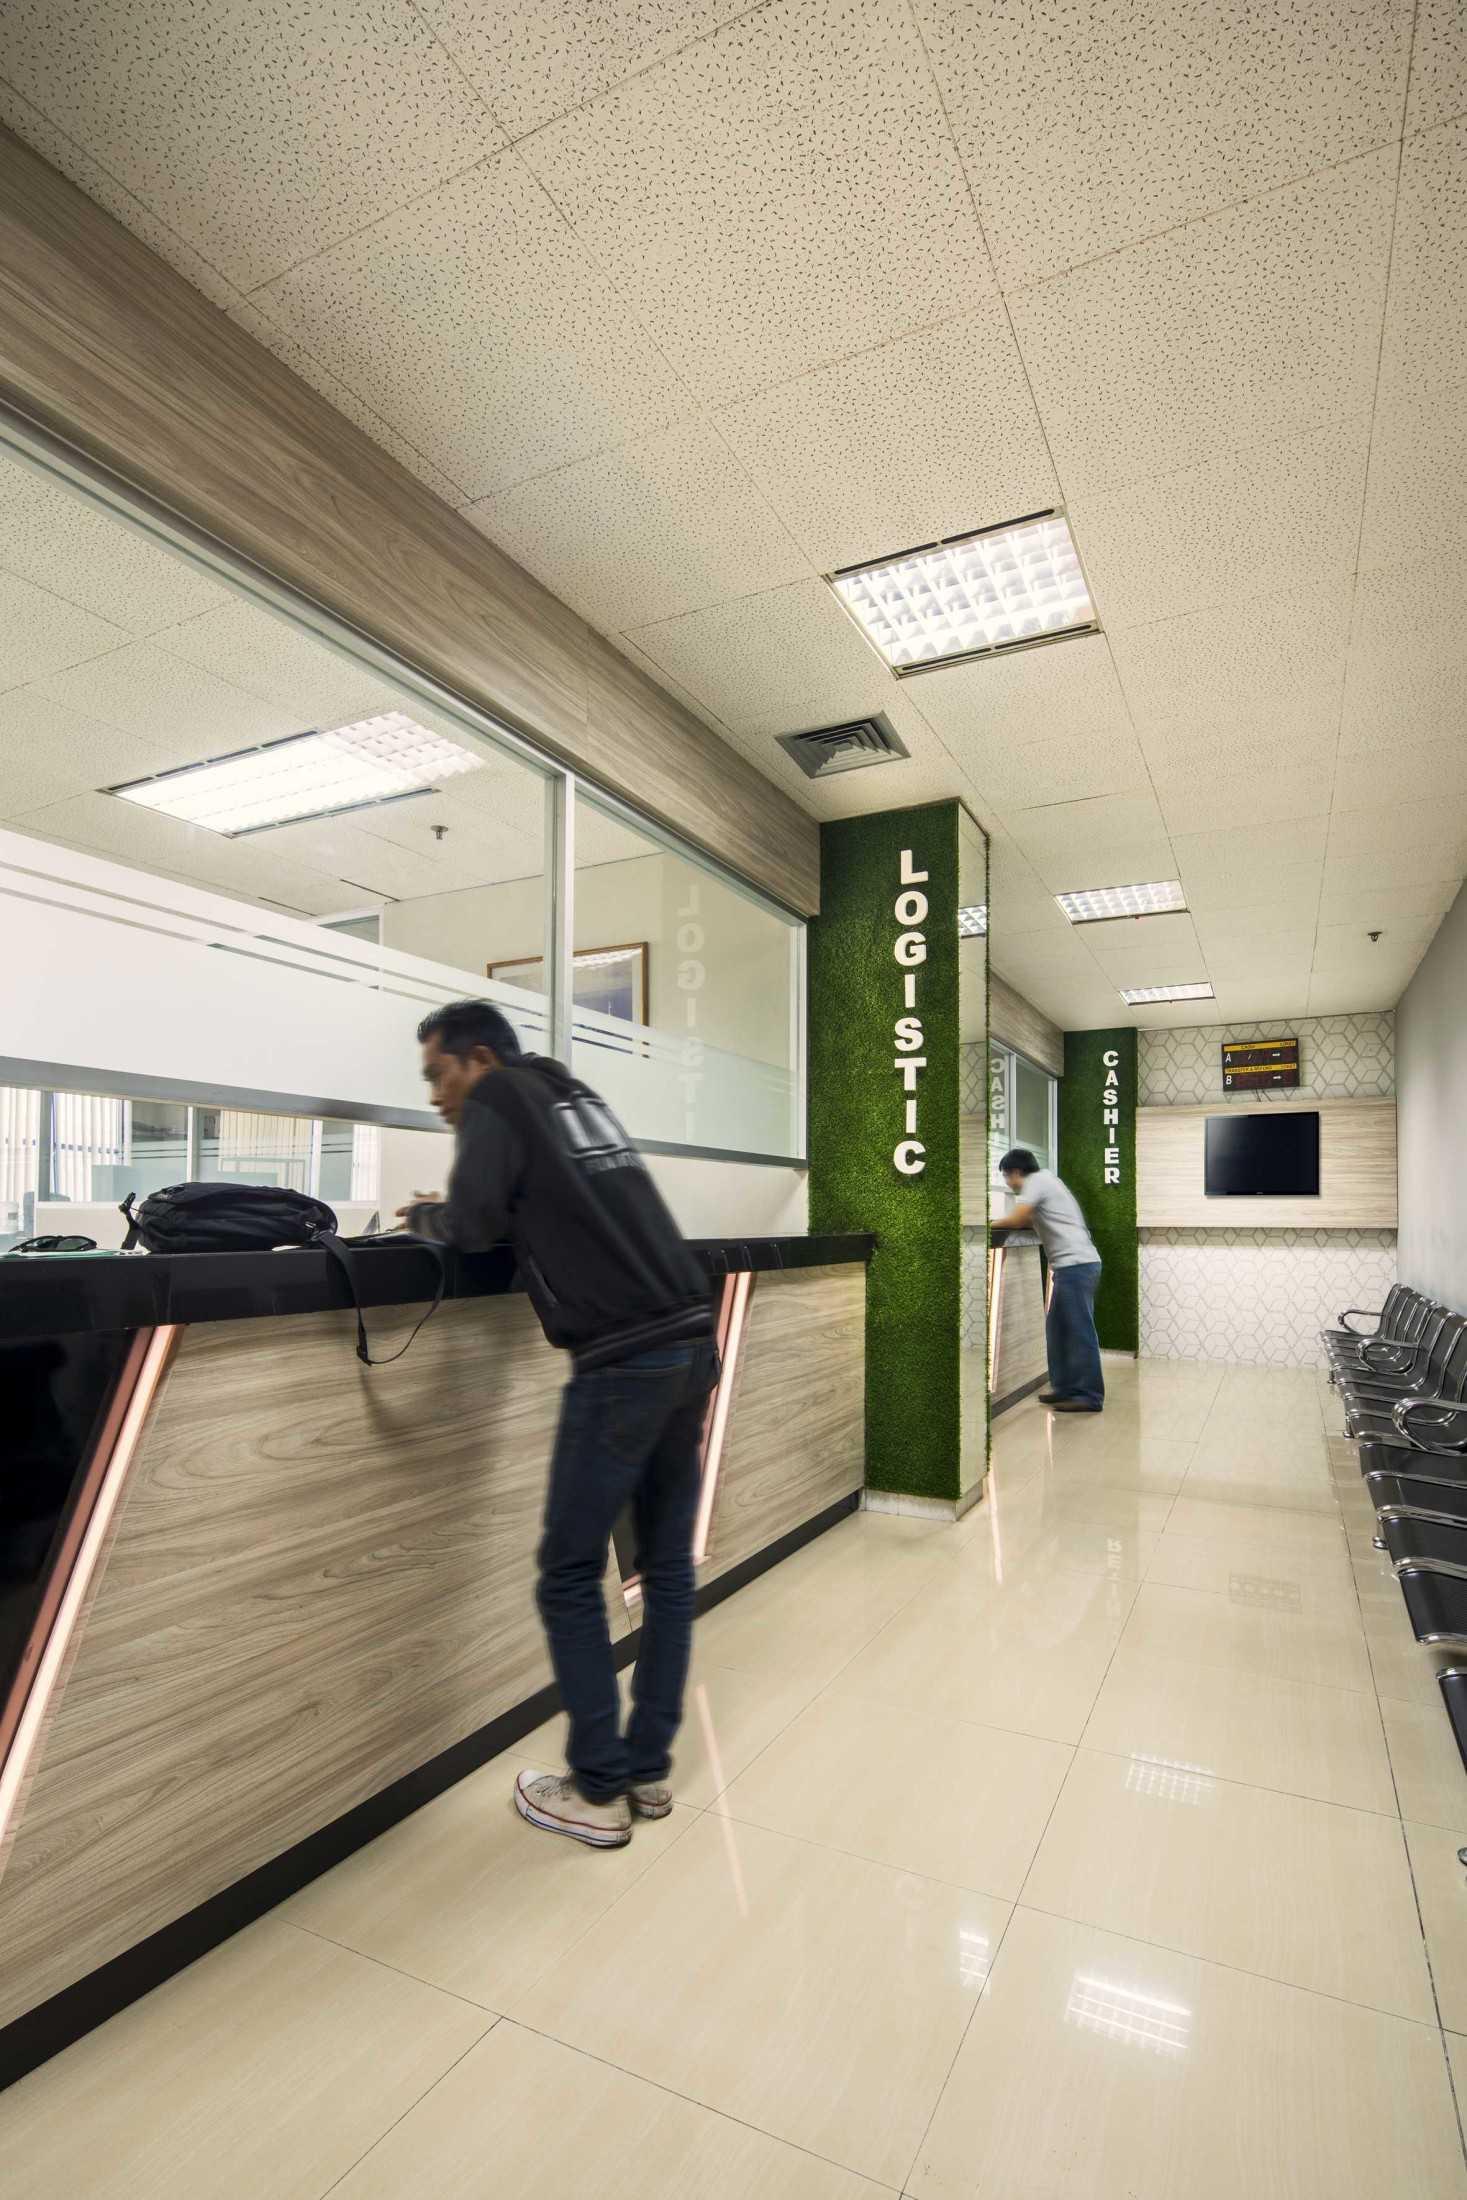 Hausse Interior Evergreen Line Office Surabaya, Kota Sby, Jawa Timur, Indonesia Surabaya, Kota Sby, Jawa Timur, Indonesia Evergreen Line Office  75624